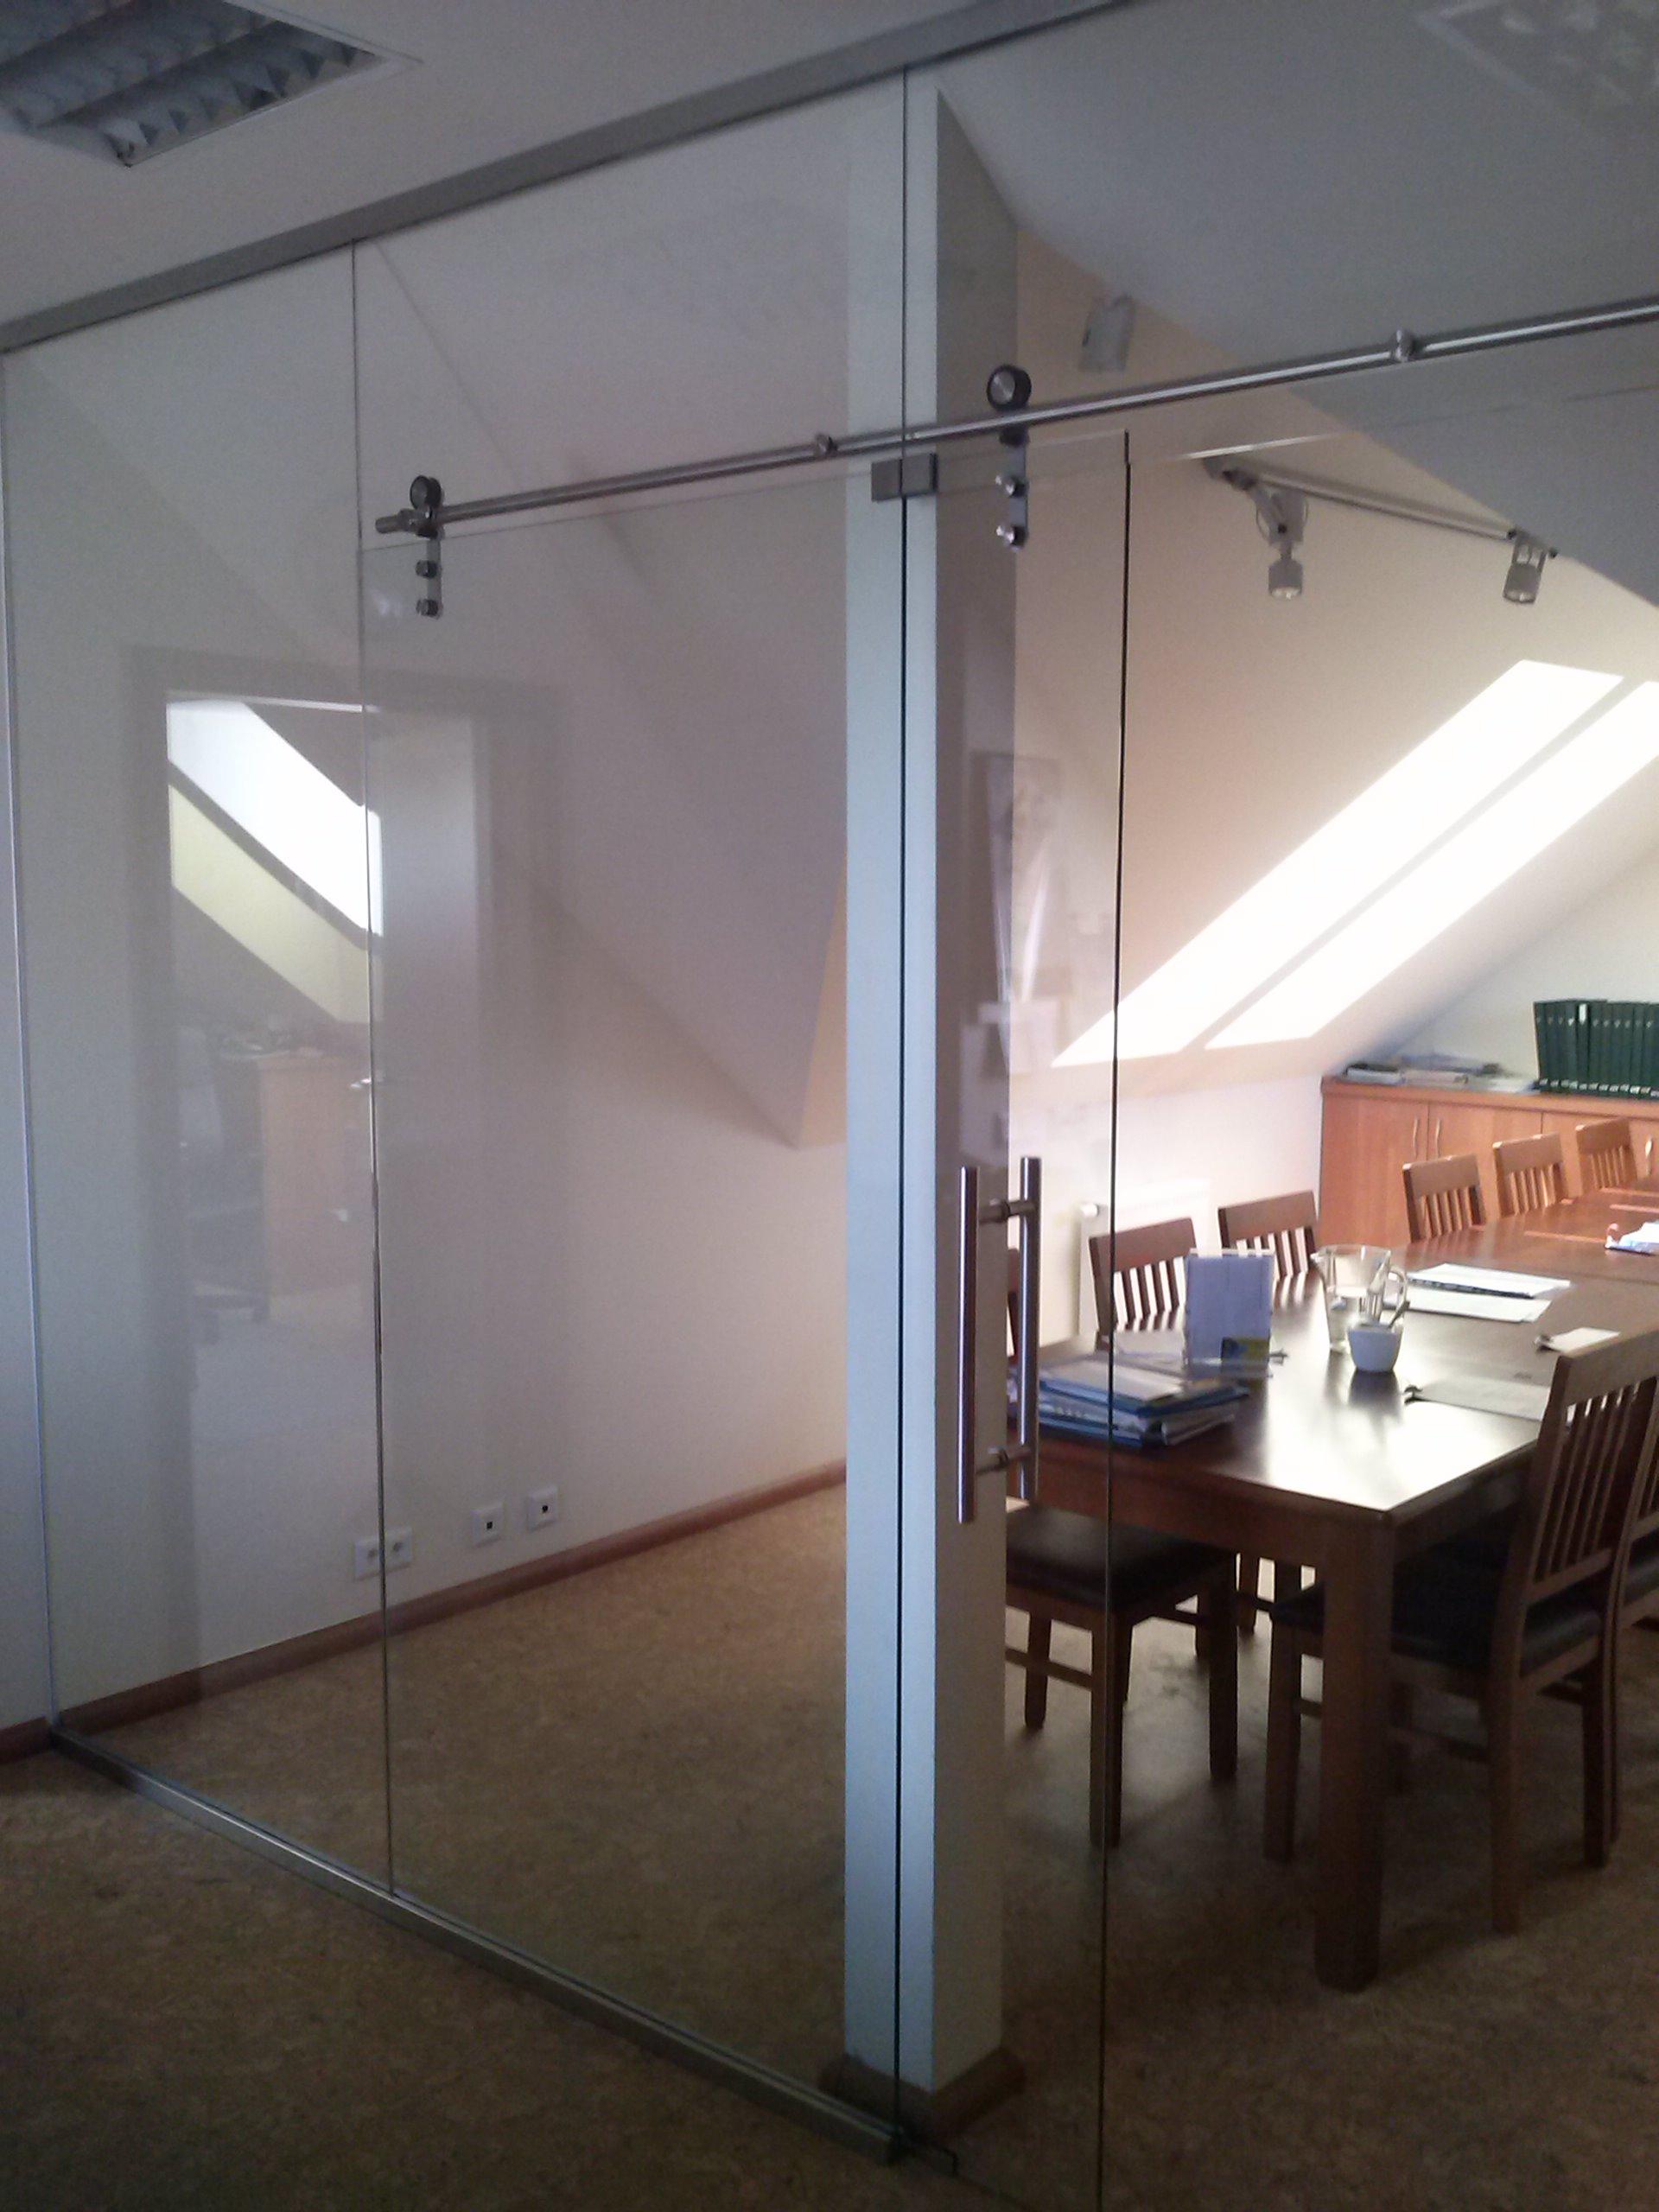 winterg rten und aluminium aus polen. Black Bedroom Furniture Sets. Home Design Ideas